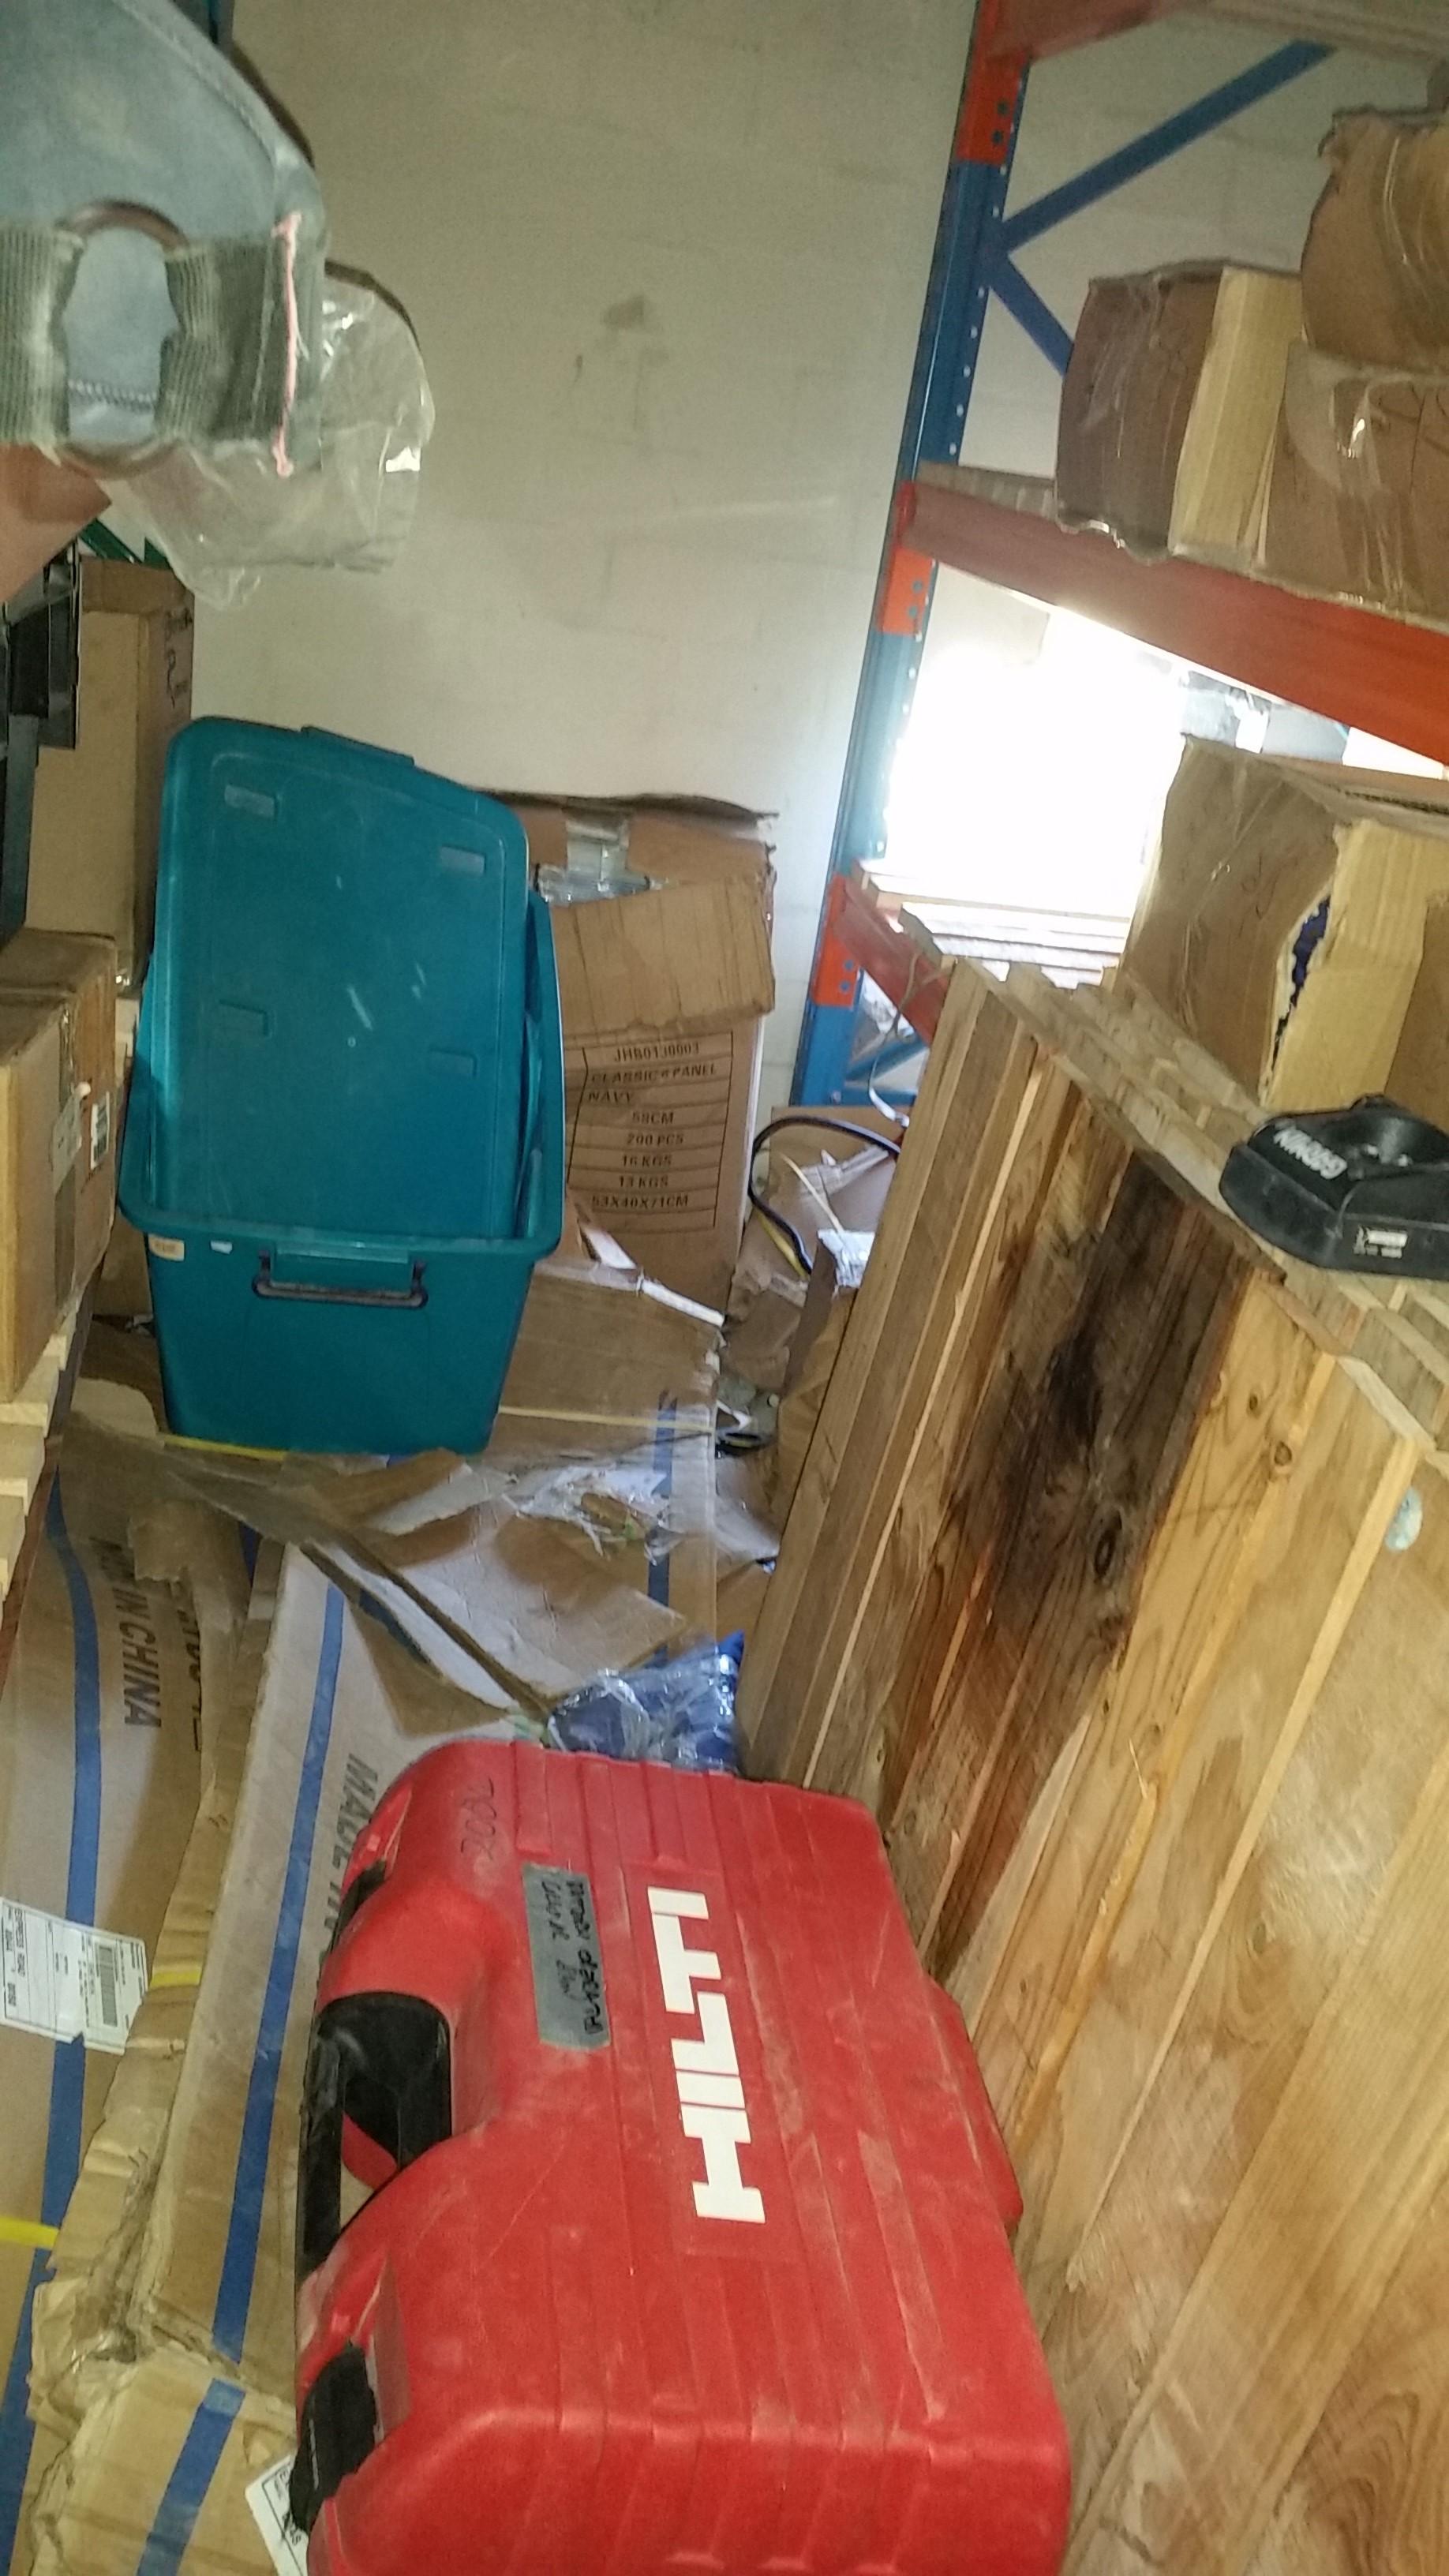 NSRI Store ransacked